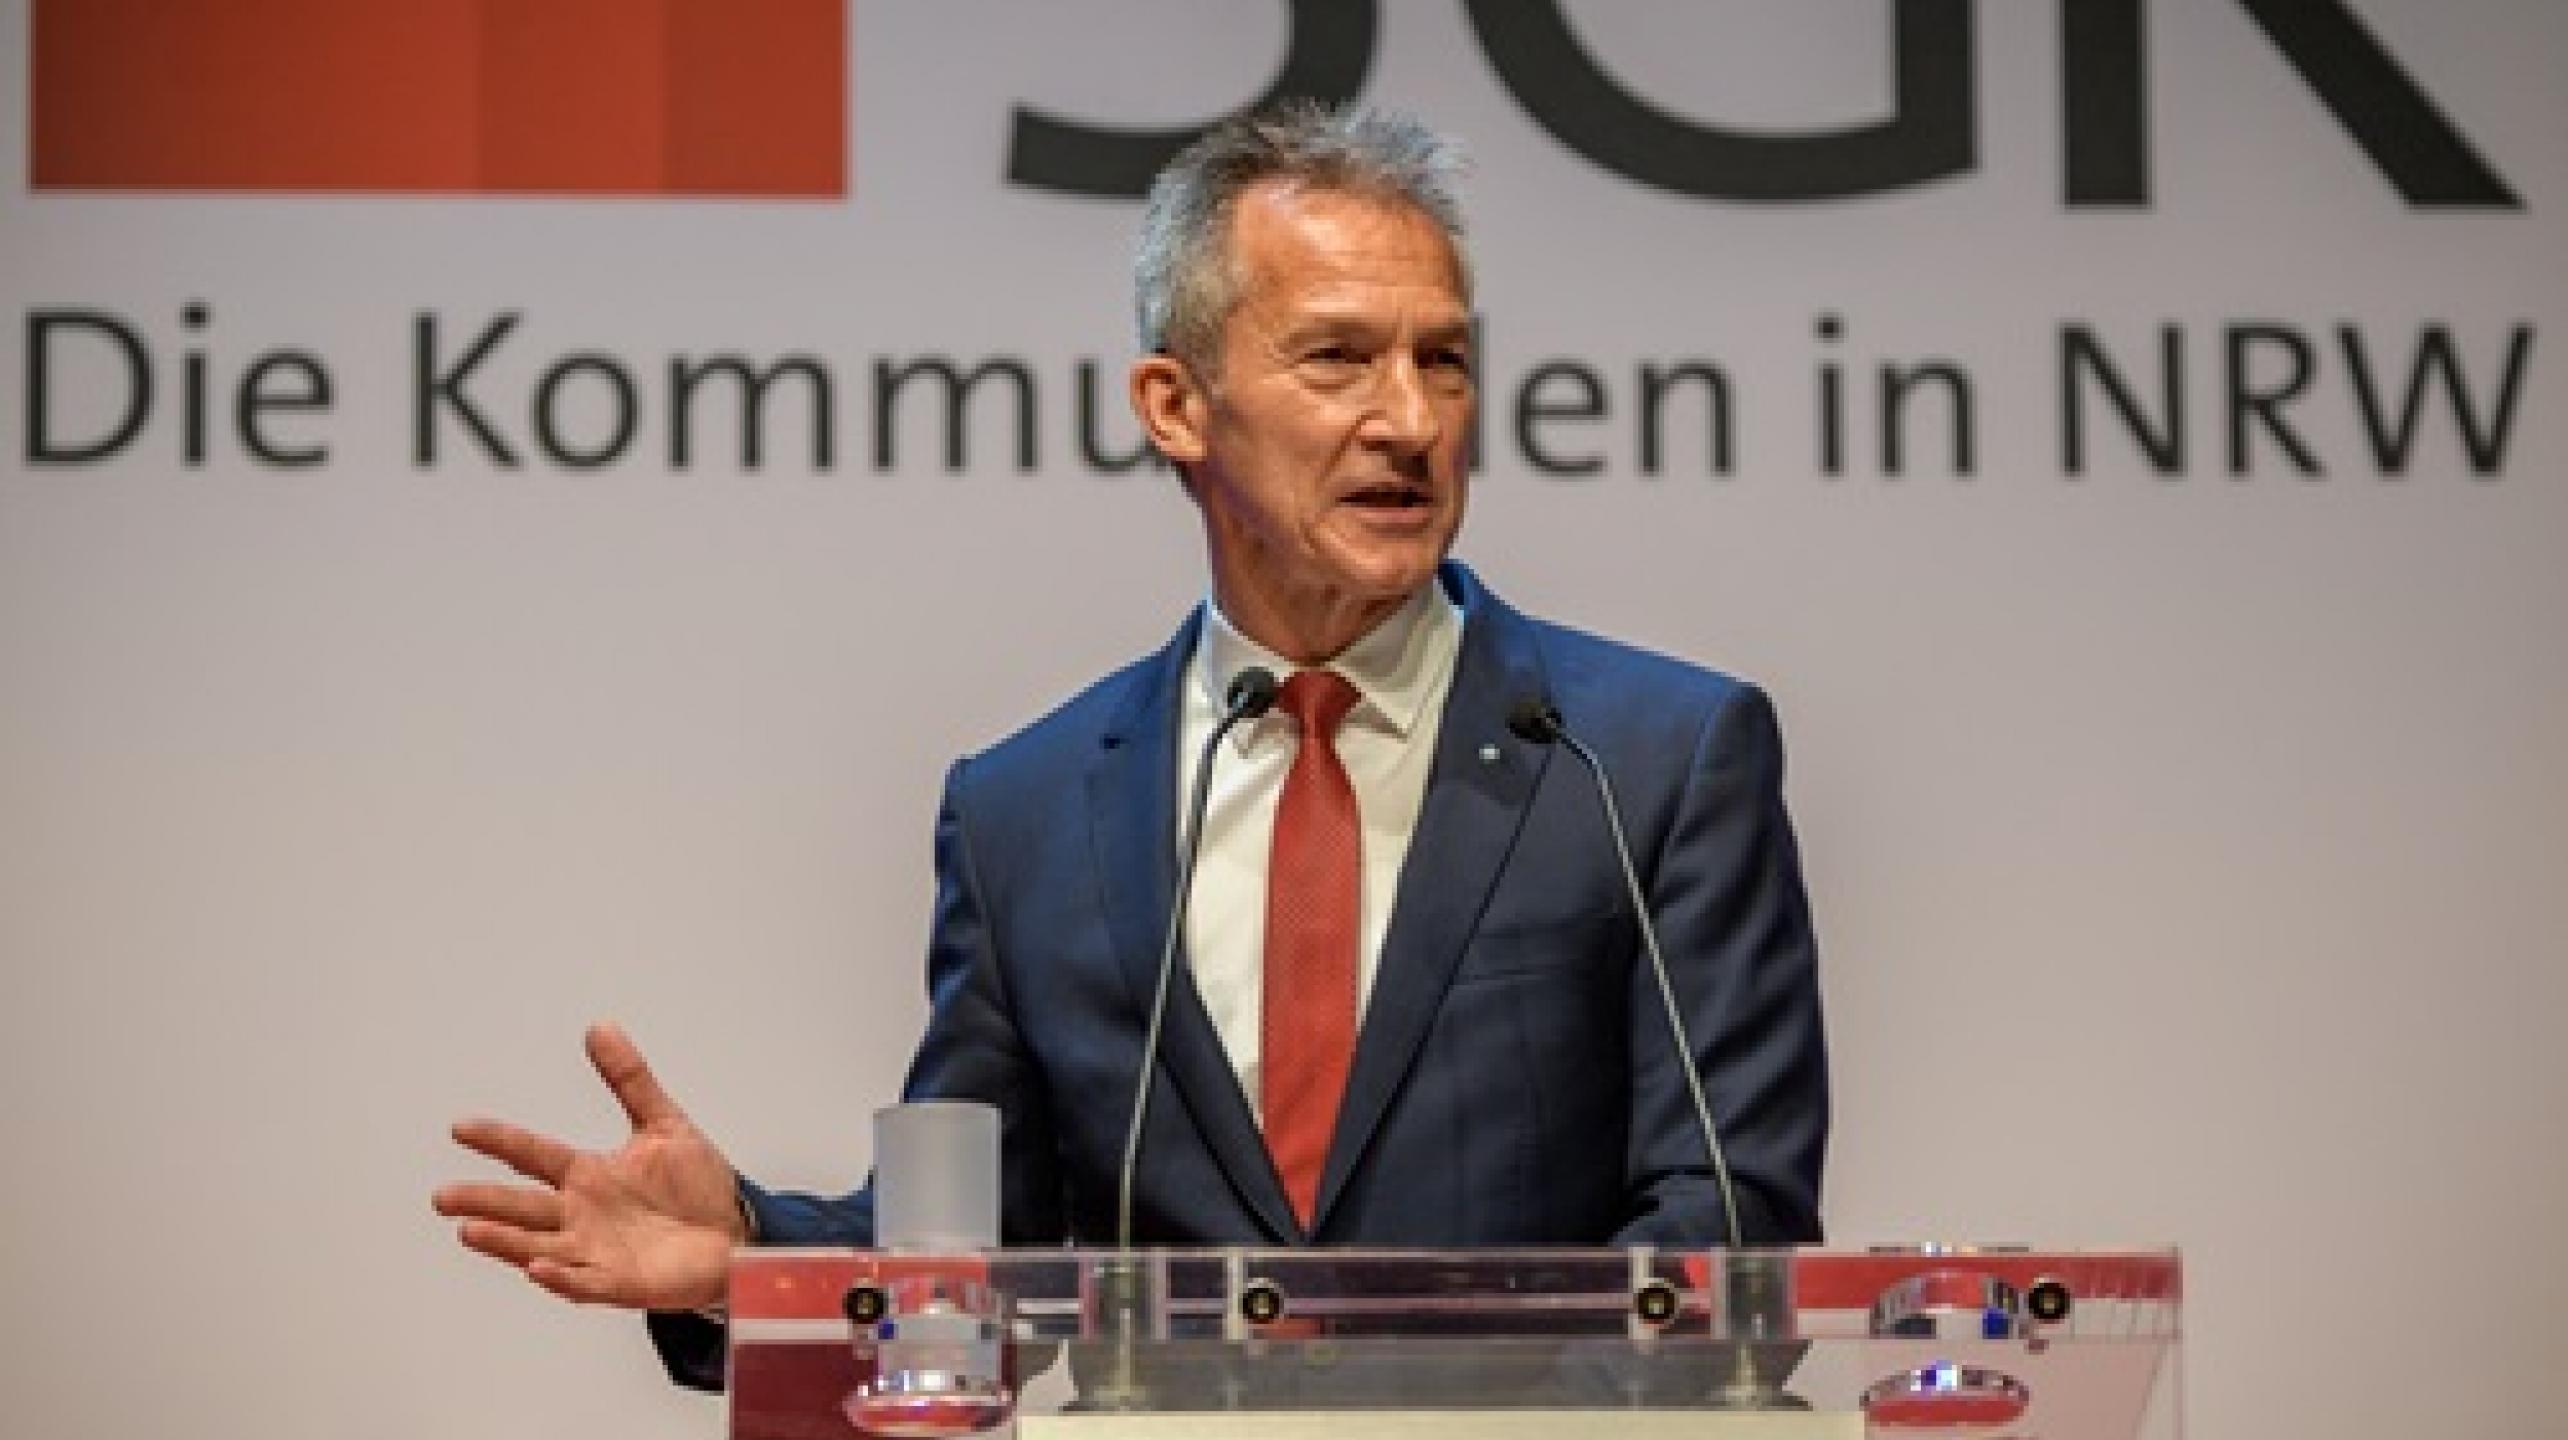 Frank Baranowski, Vorsitzender der SGK NRW